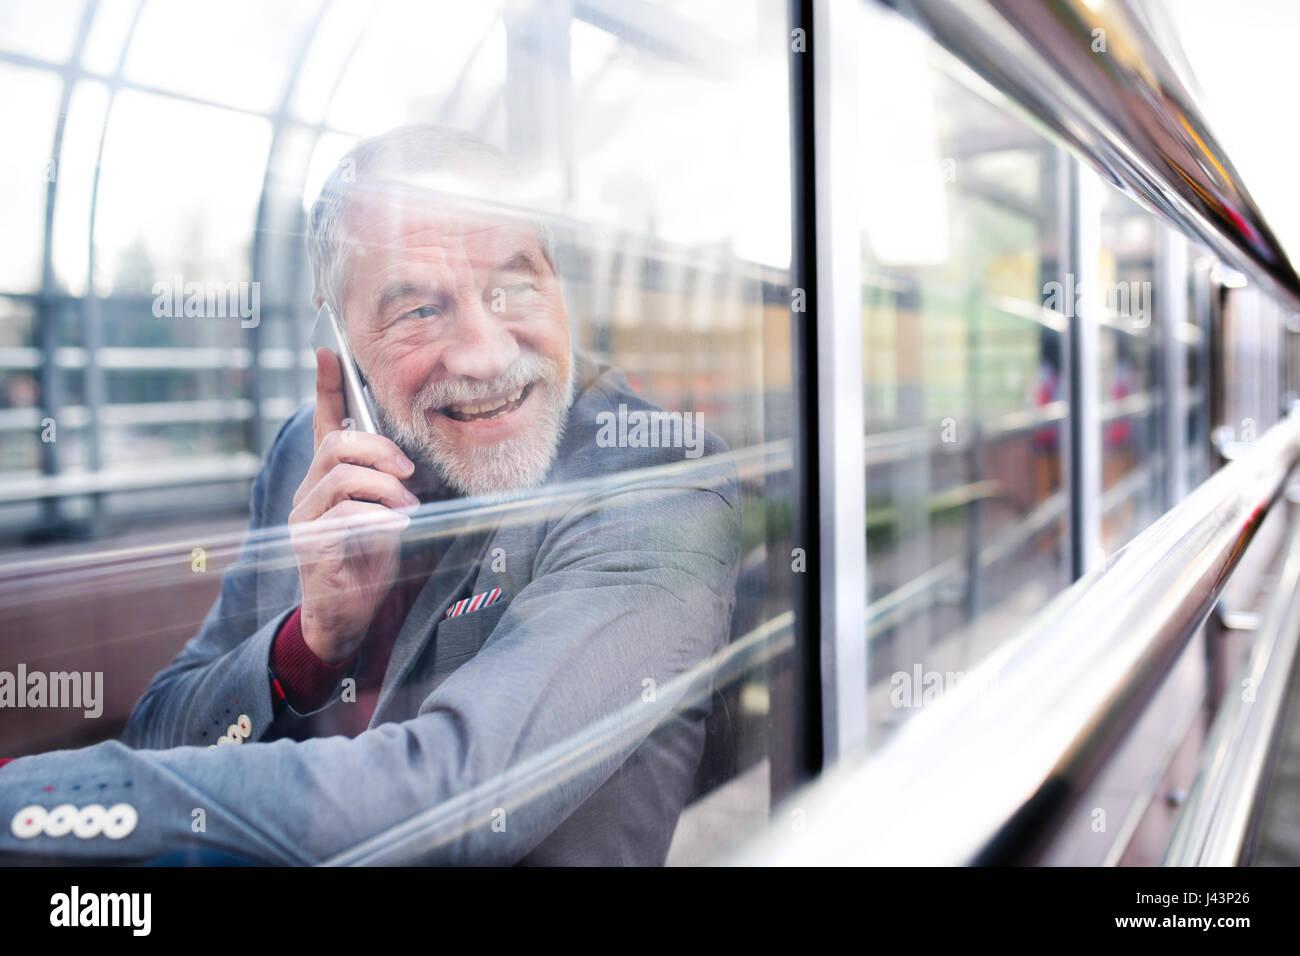 Hombre senior con el smartphone en vidrio paso hacer una llamada. Imagen De Stock